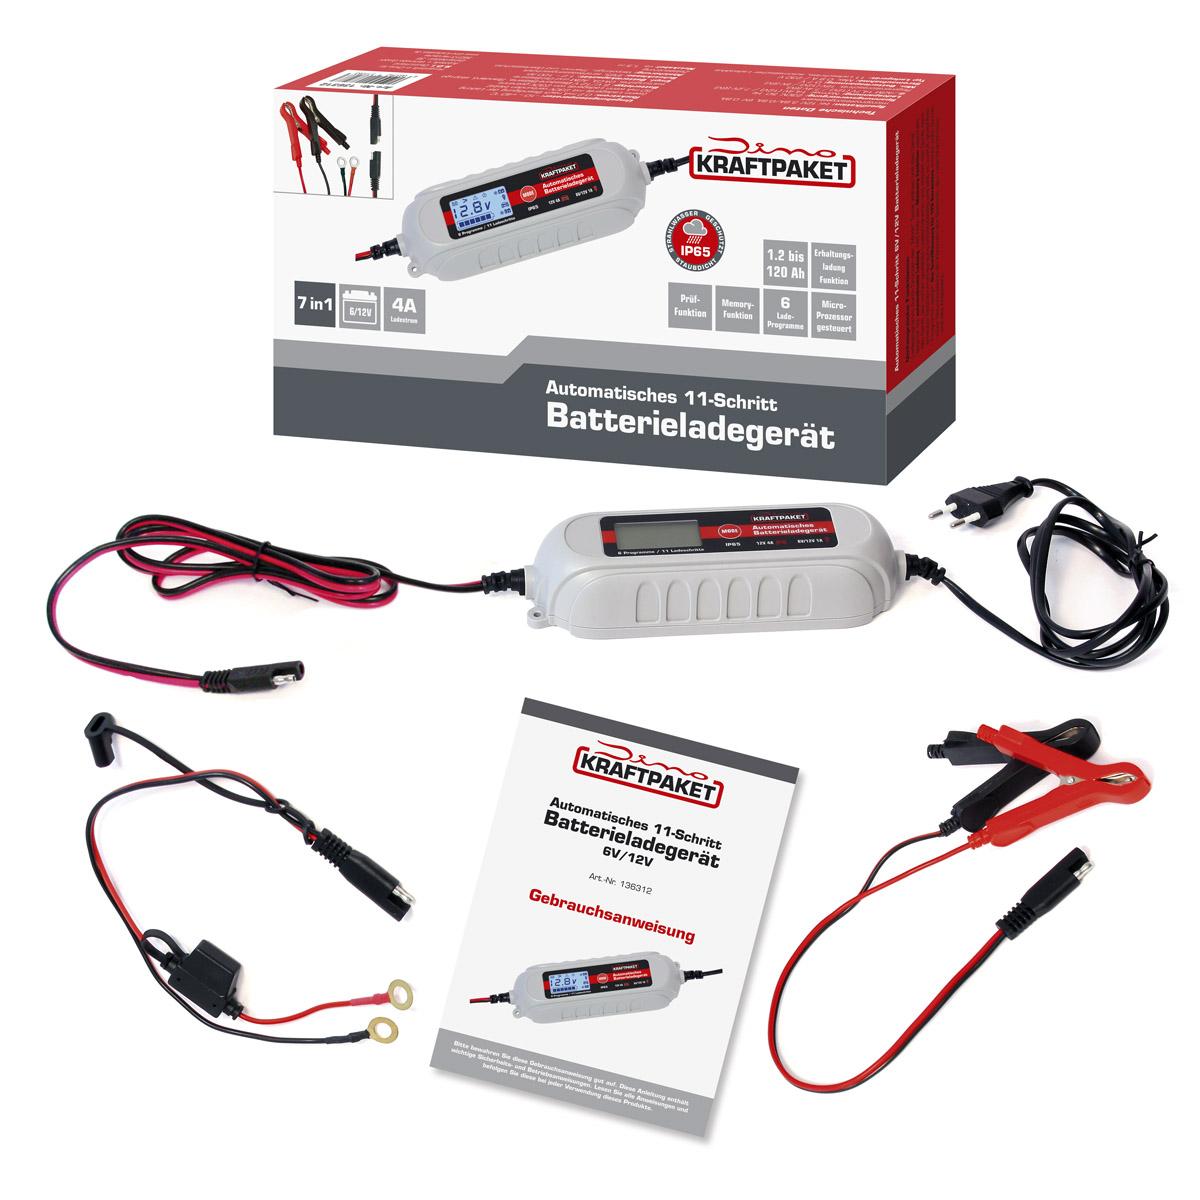 Dino Kraftpaket Batterieladegerät mit Batterietester KFZ 6V-1A/12V-4A 136312